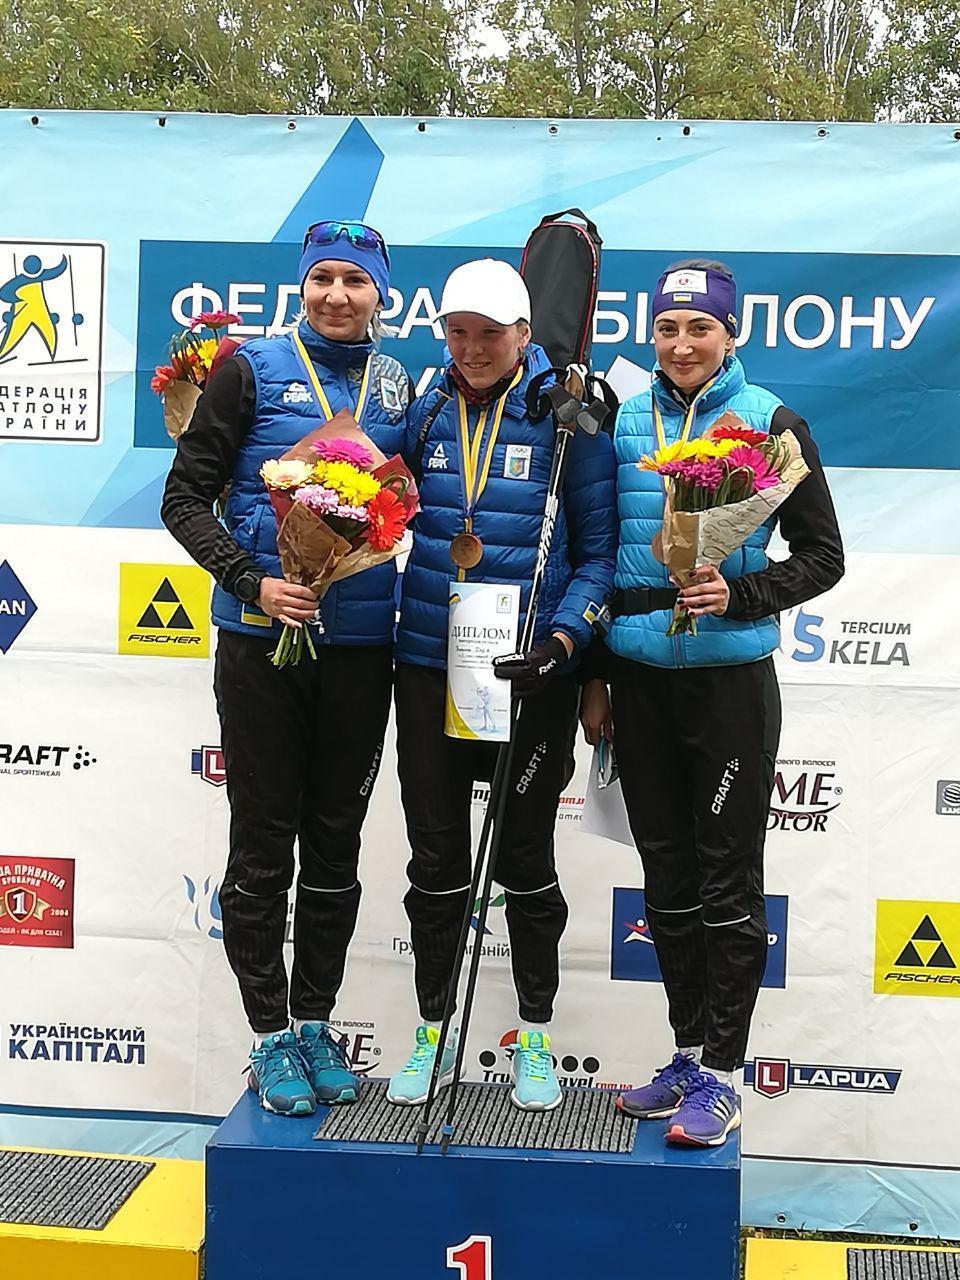 Чемпіонат України з літнього біатлону, Чернігів. Фото